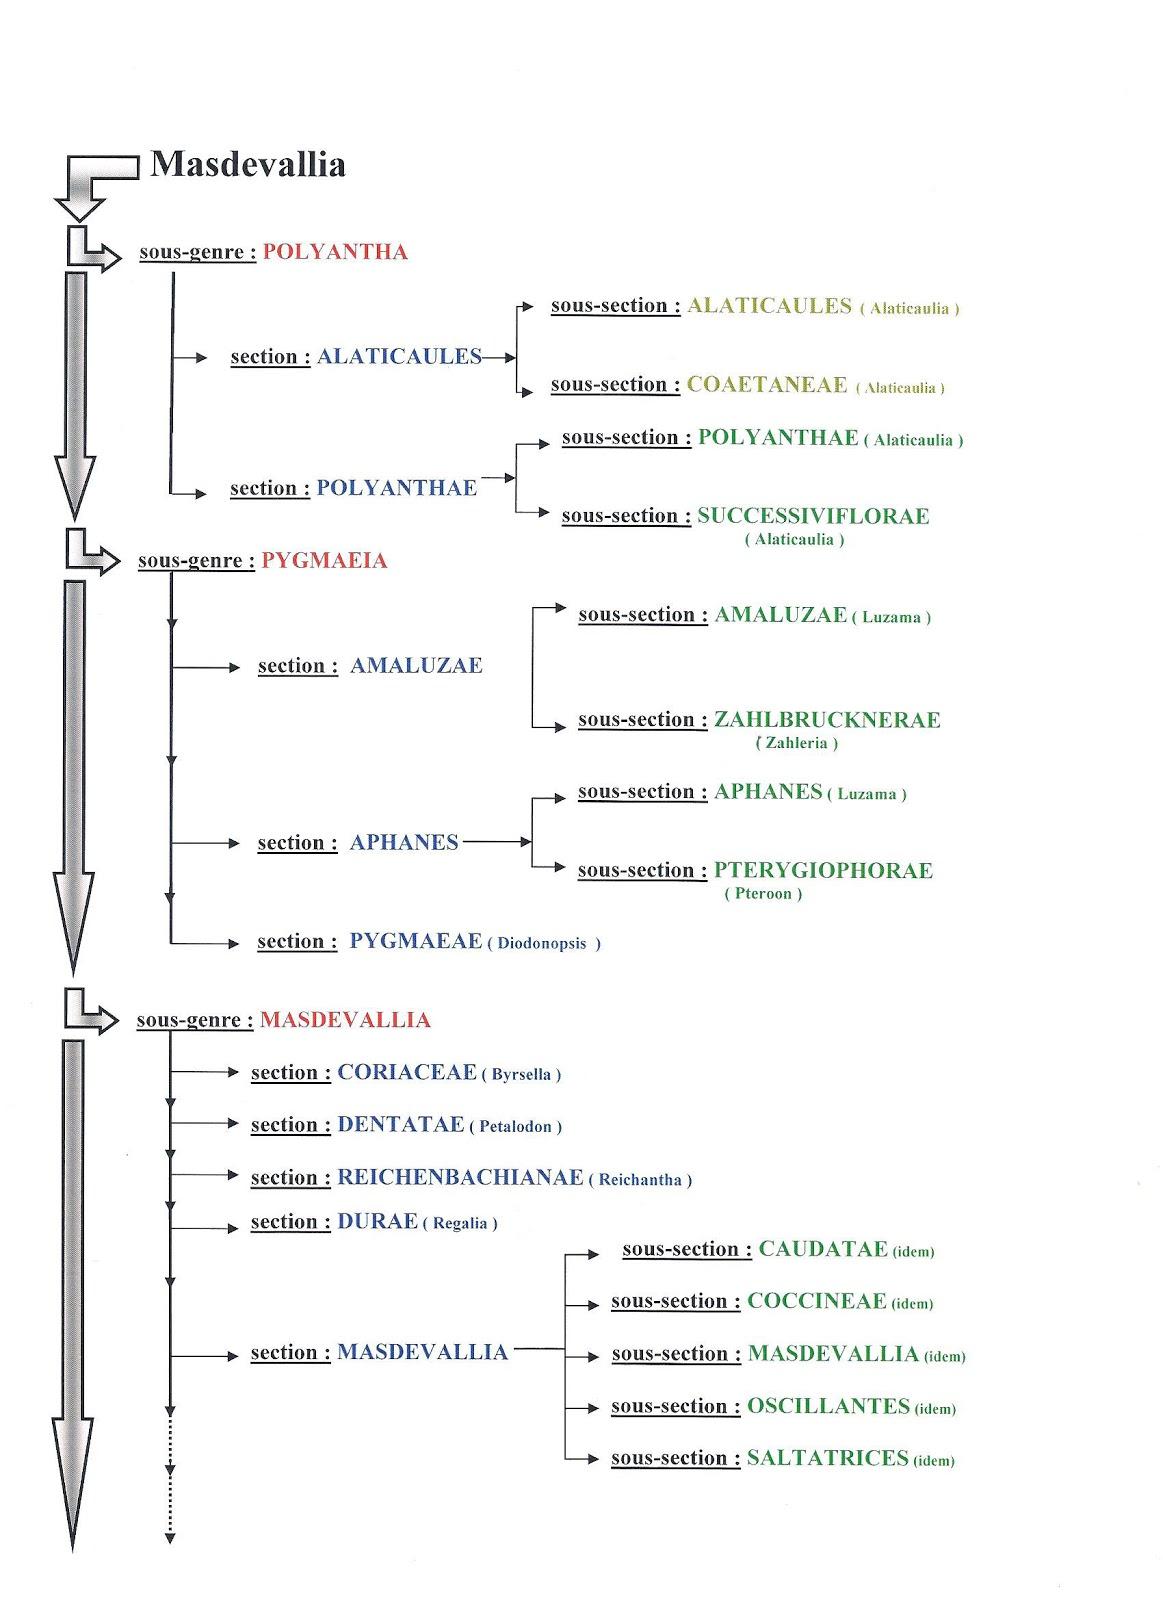 Pleurothallidinae tableau phylog n tique des masdevallia for Ouvrir un lien dans une nouvelle fenetre html